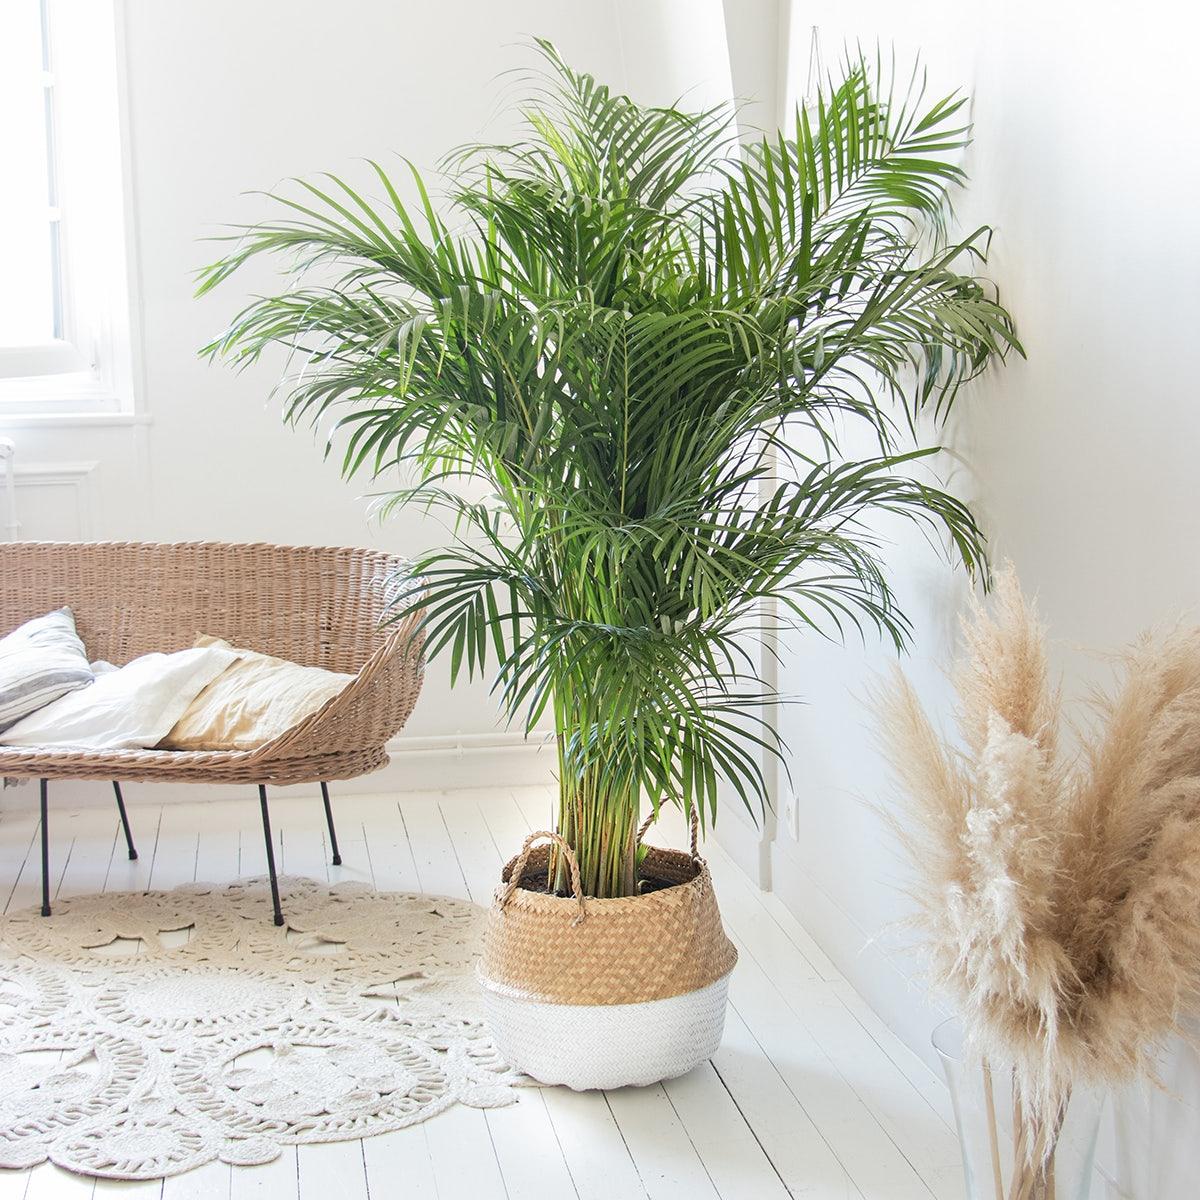 Areca salon décoration pampa d'intérieur